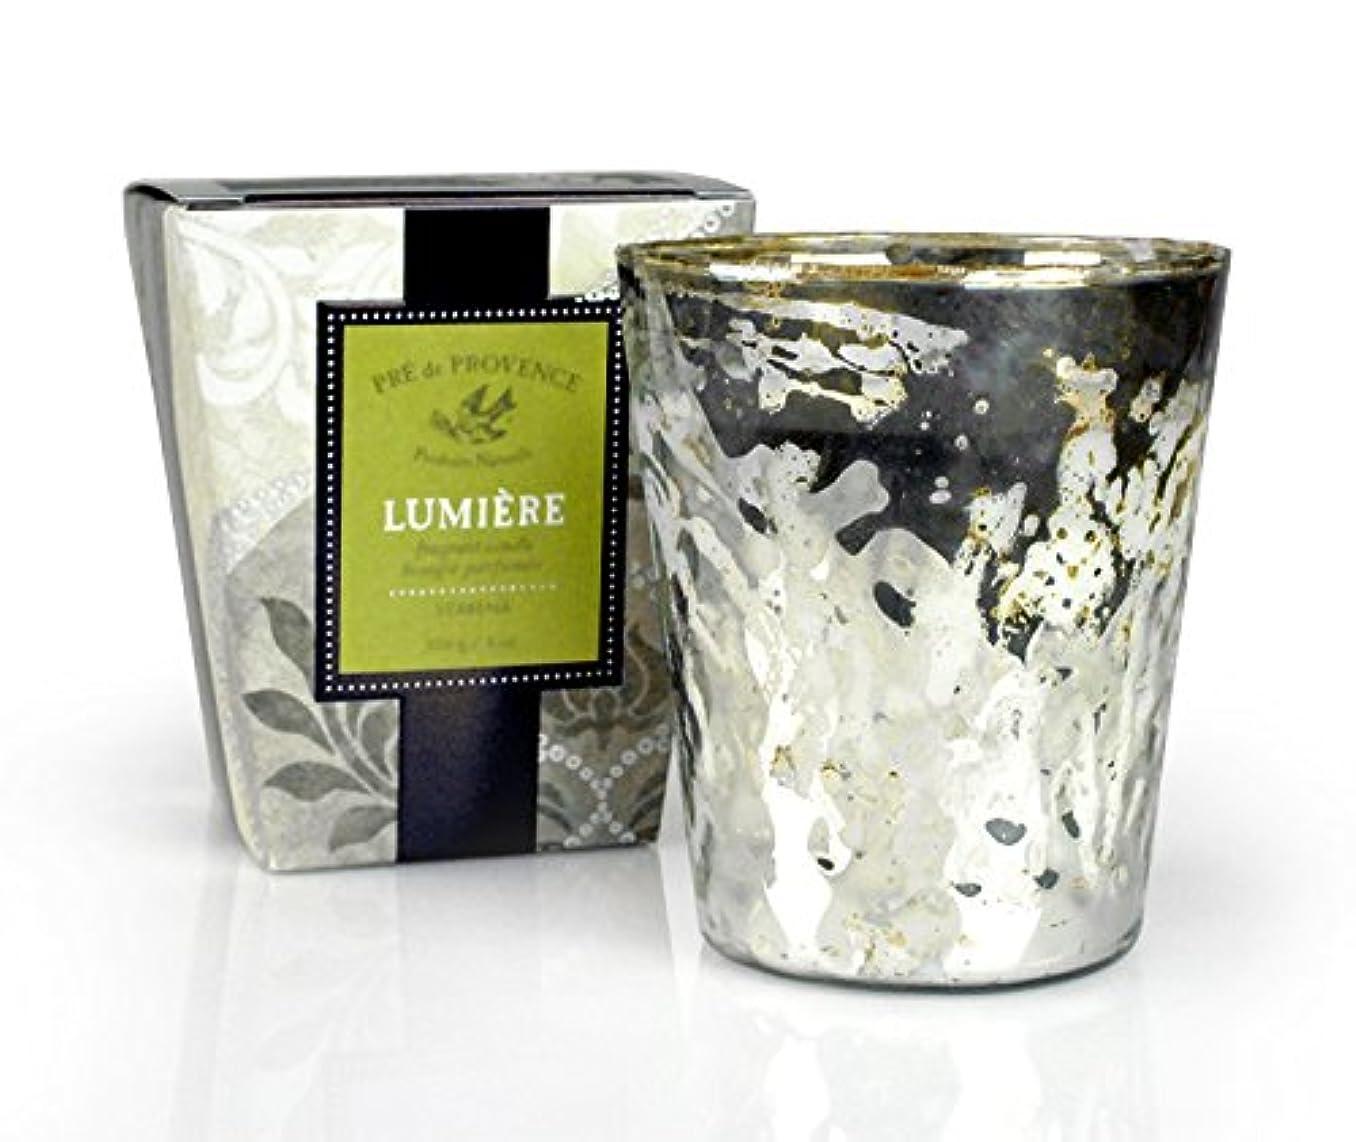 カメラ有益決してPRE de PROVENCE ルミエール フレグラントキャンドル バーベナ VERBENA プレ ドゥ プロヴァンス Lumiere Fragrant Candle Collection